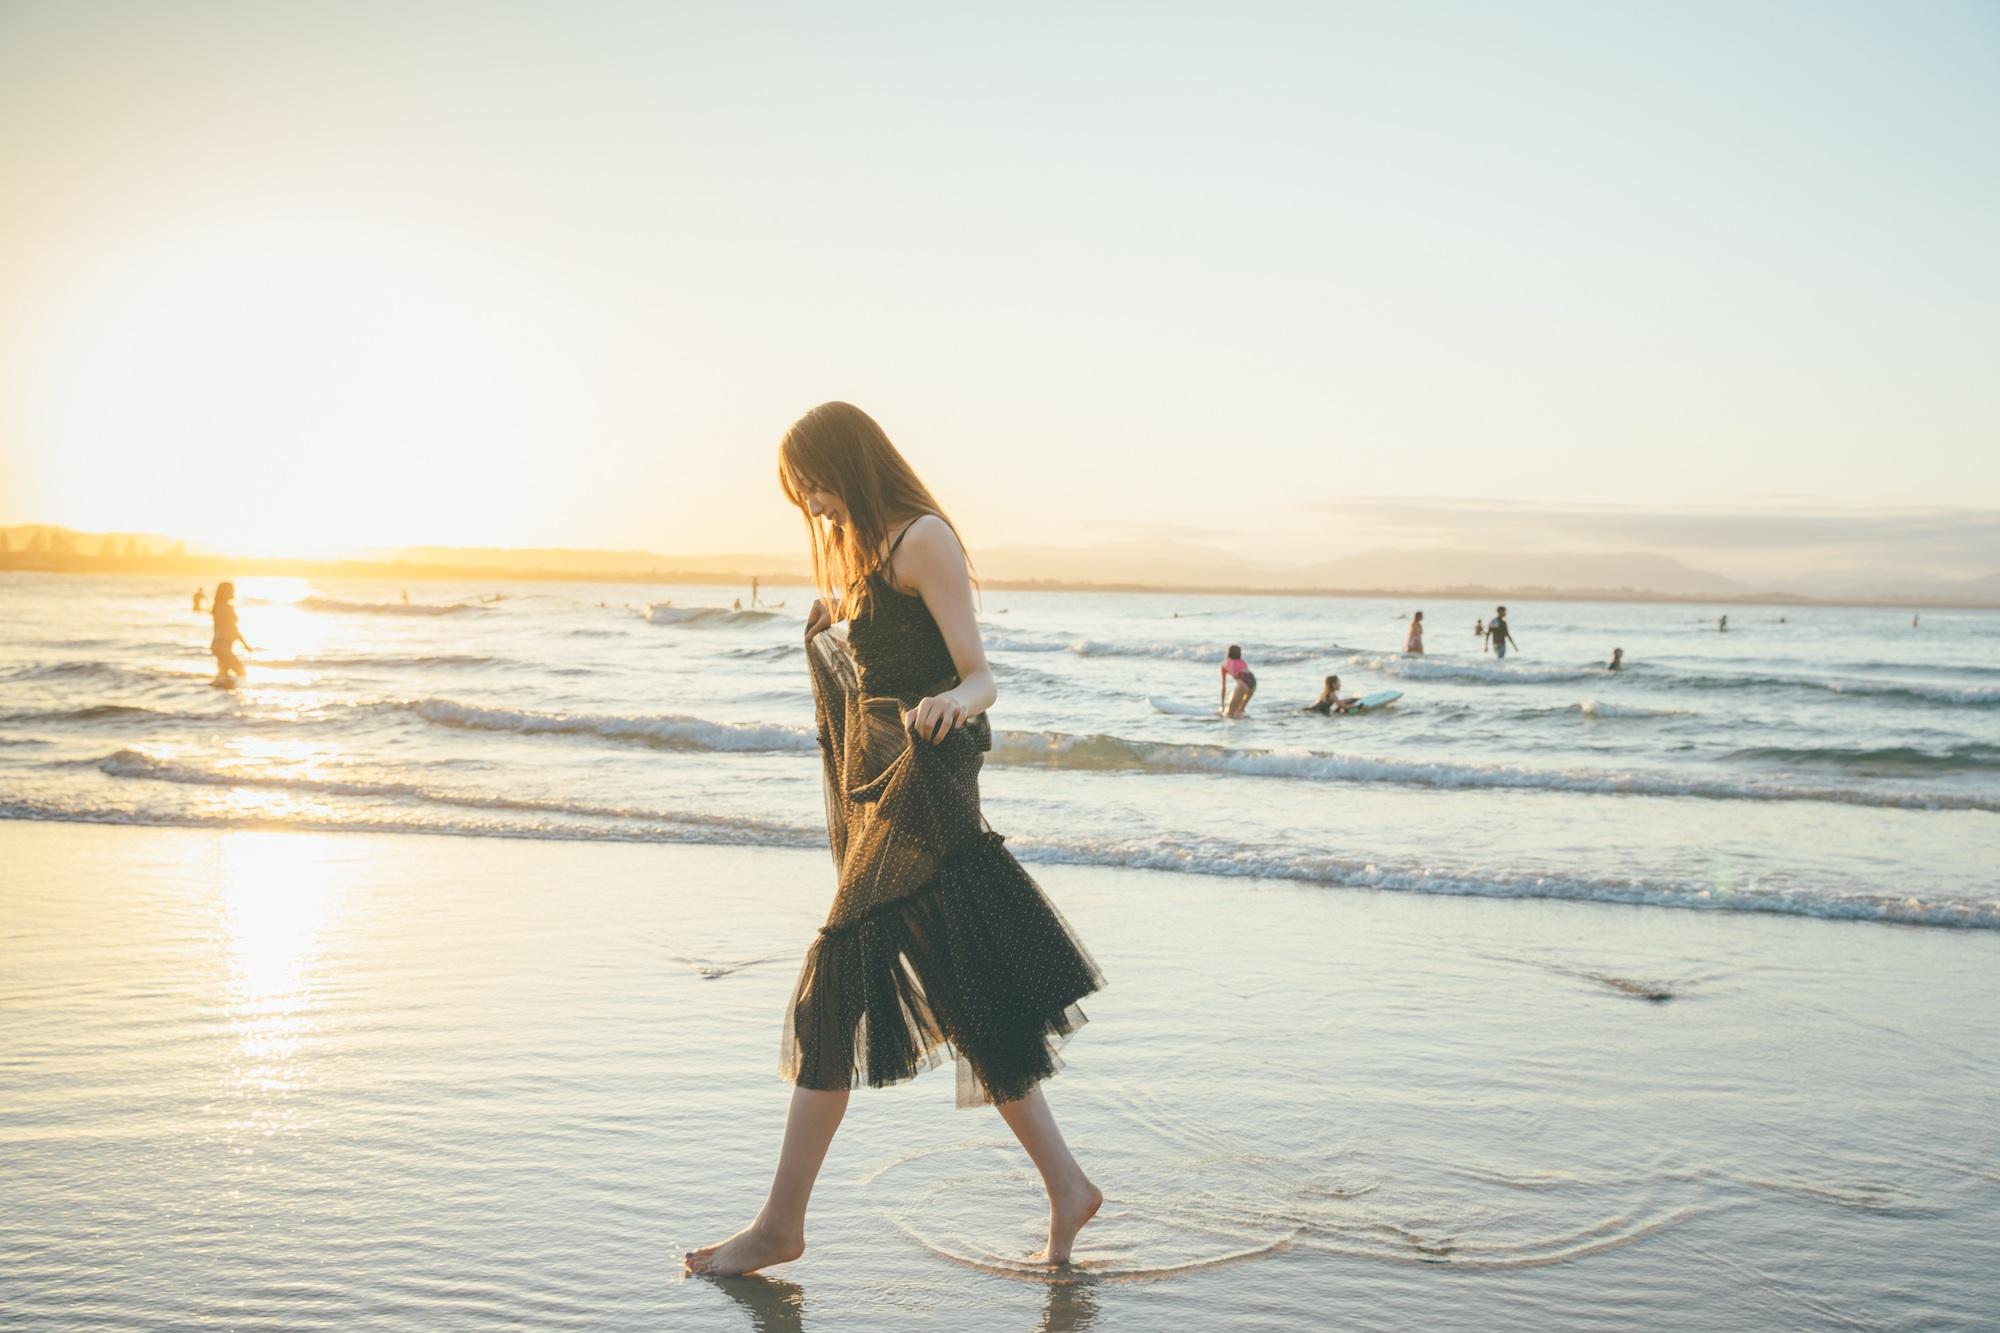 乃木坂46梅澤美波写真集『夢の近く』表4写真(セブンネットショッピング限定カバー版)